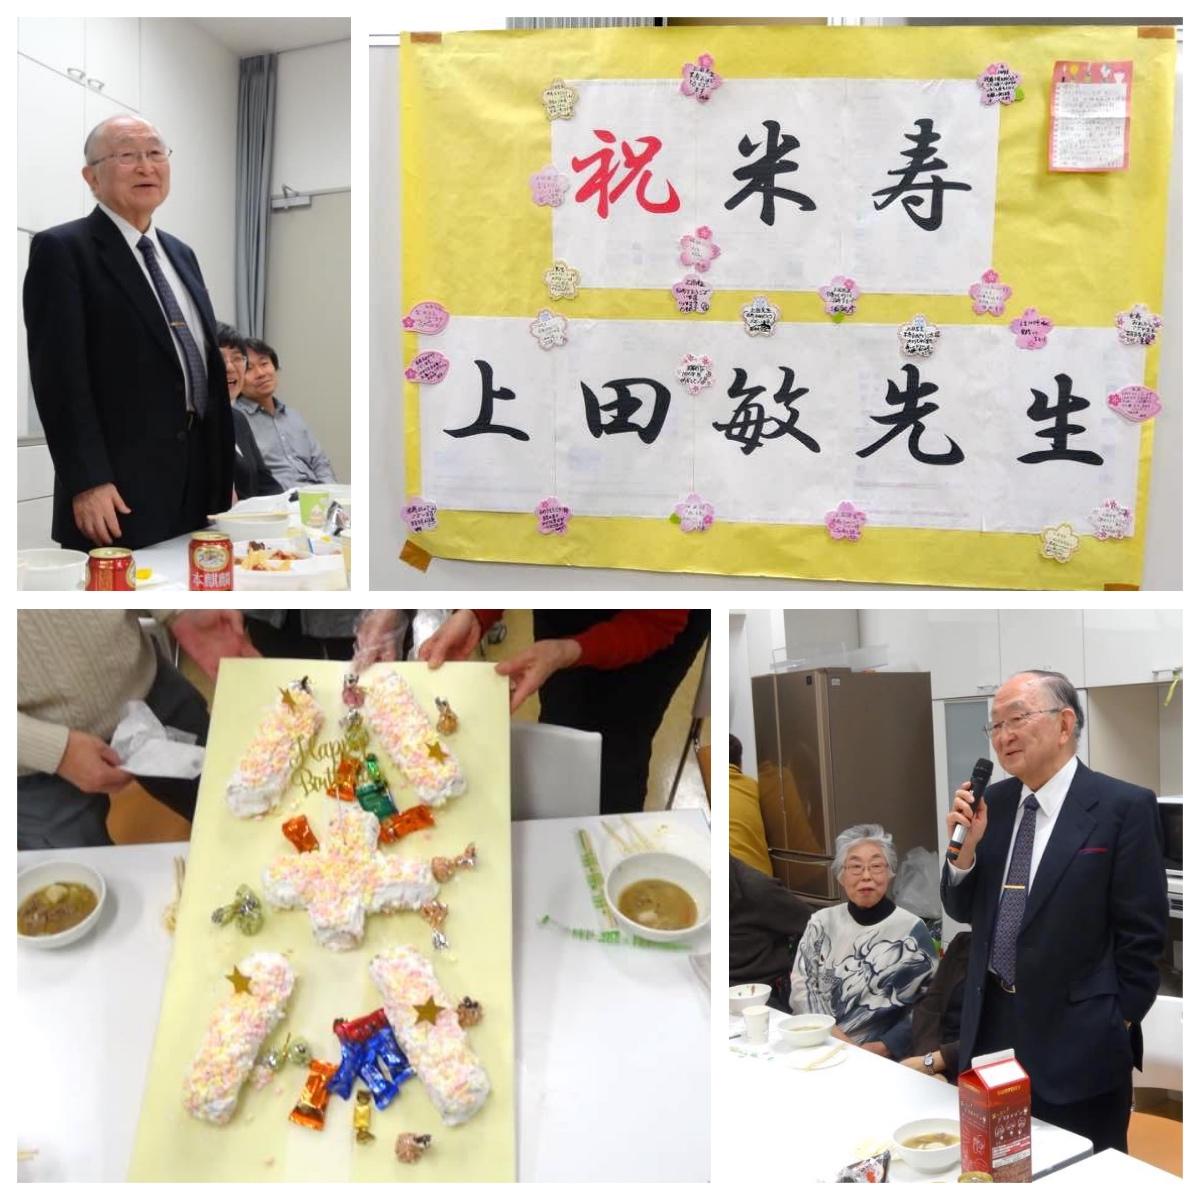 芋煮会(上田先生米寿祝い)